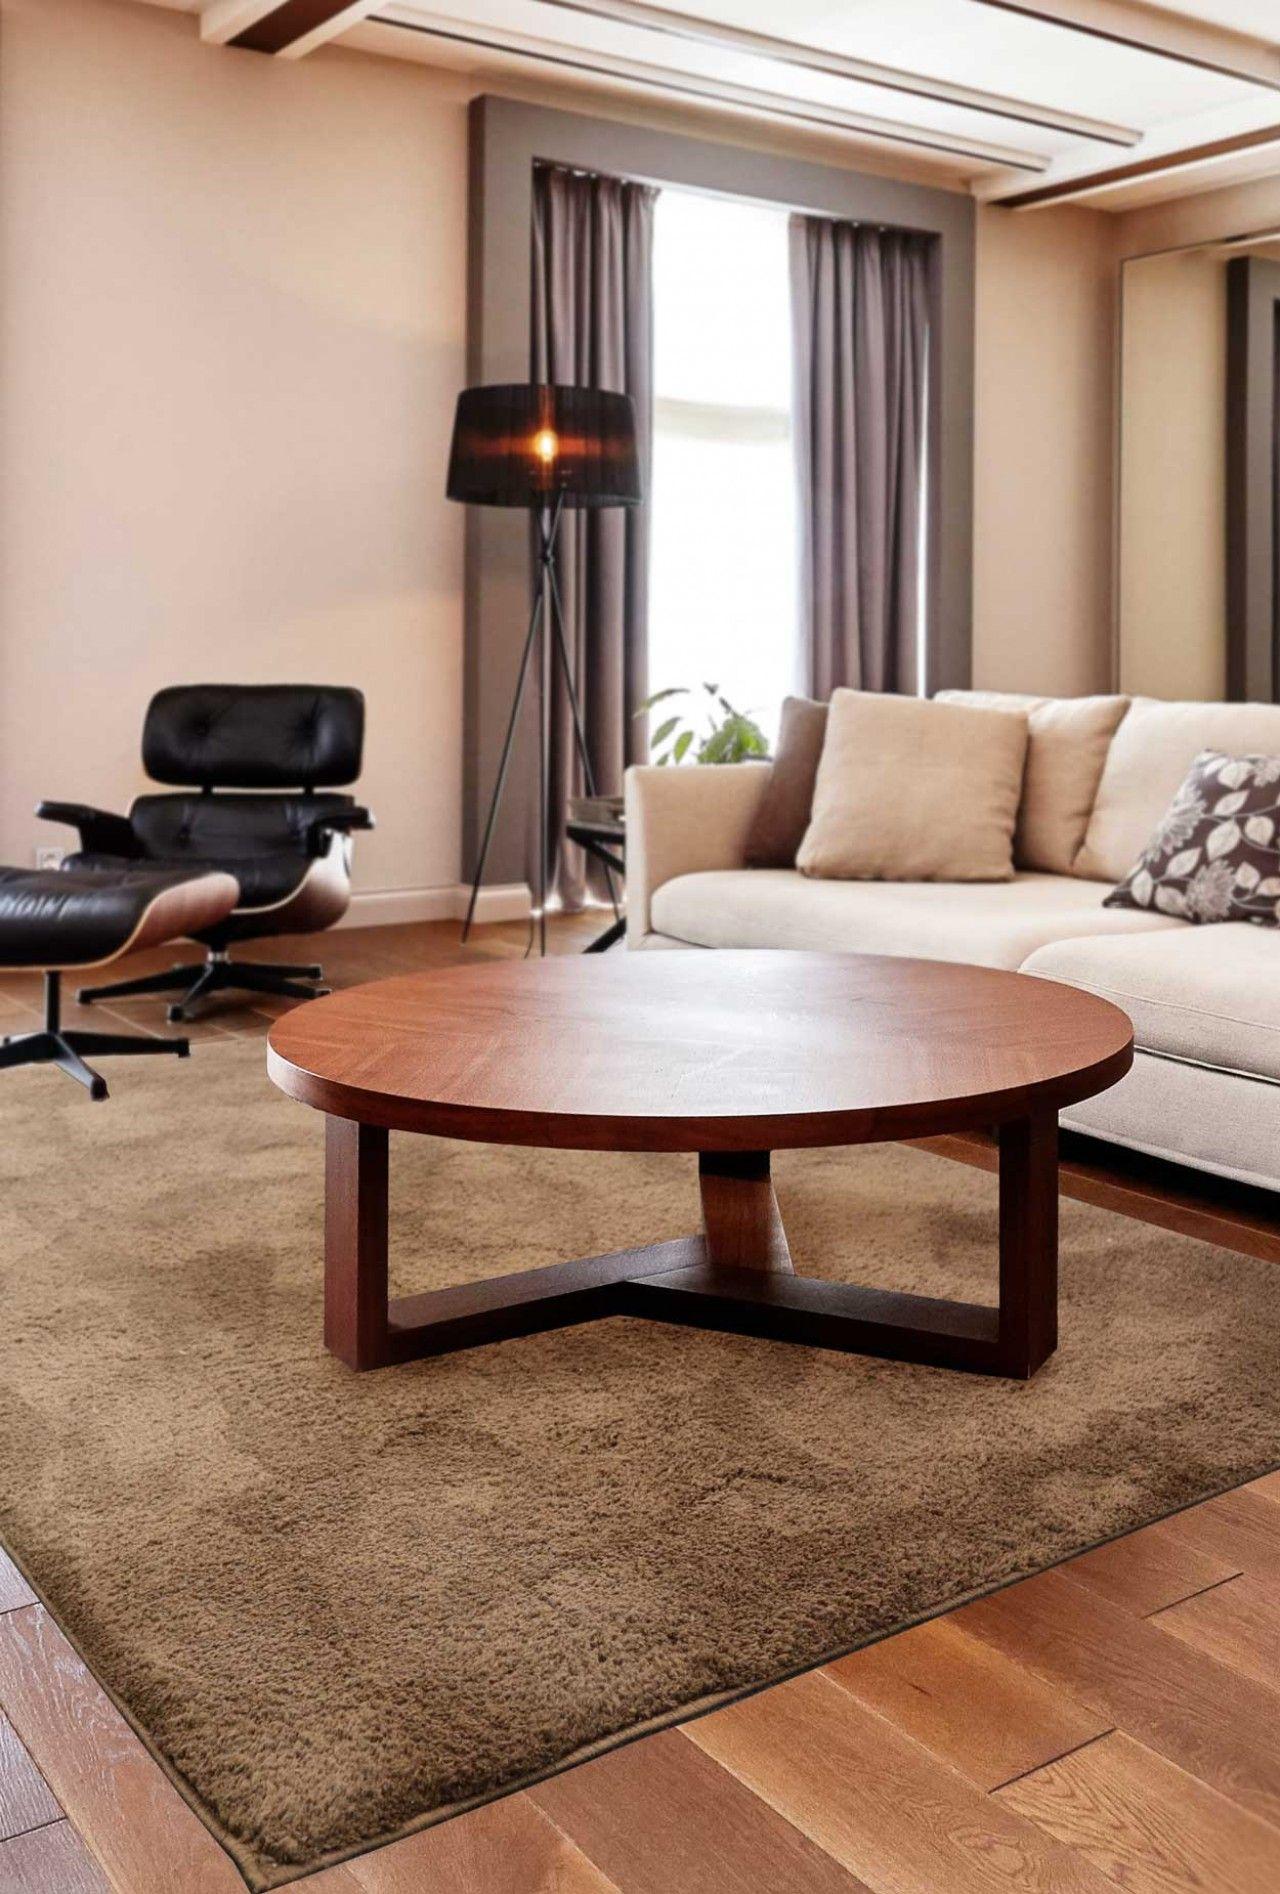 Moderne Teppiche für Wohnzimmer - moderner Teppich - kurzflor shaggy ...